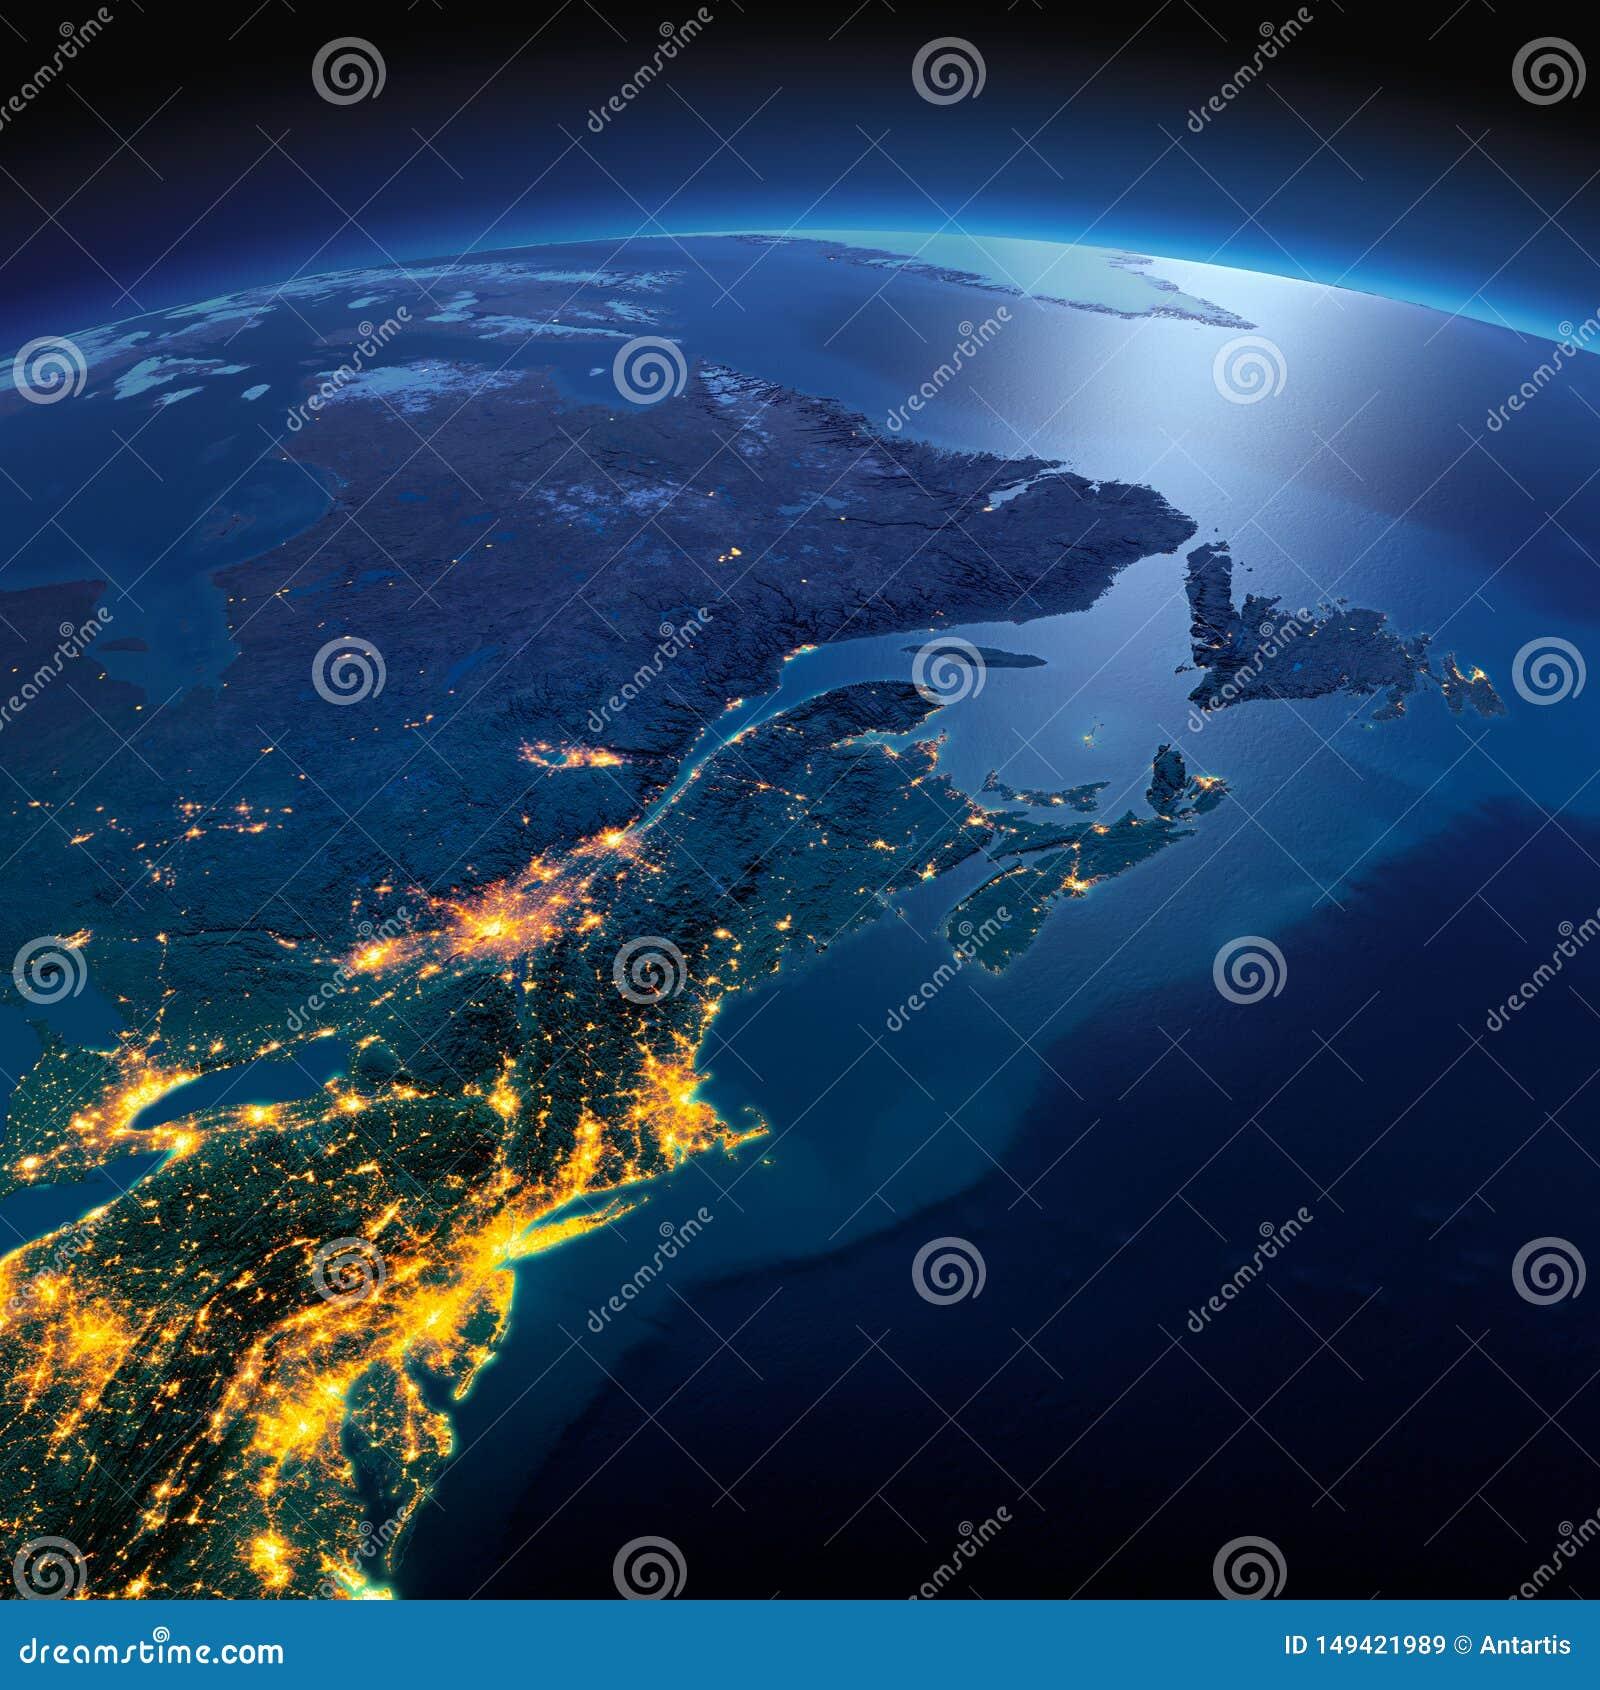 Λεπτομερής γη Βορειοανατολικά ΗΠΑ και ανατολικός Καναδάς σε μια φεγγαρόφωτη νύχτα